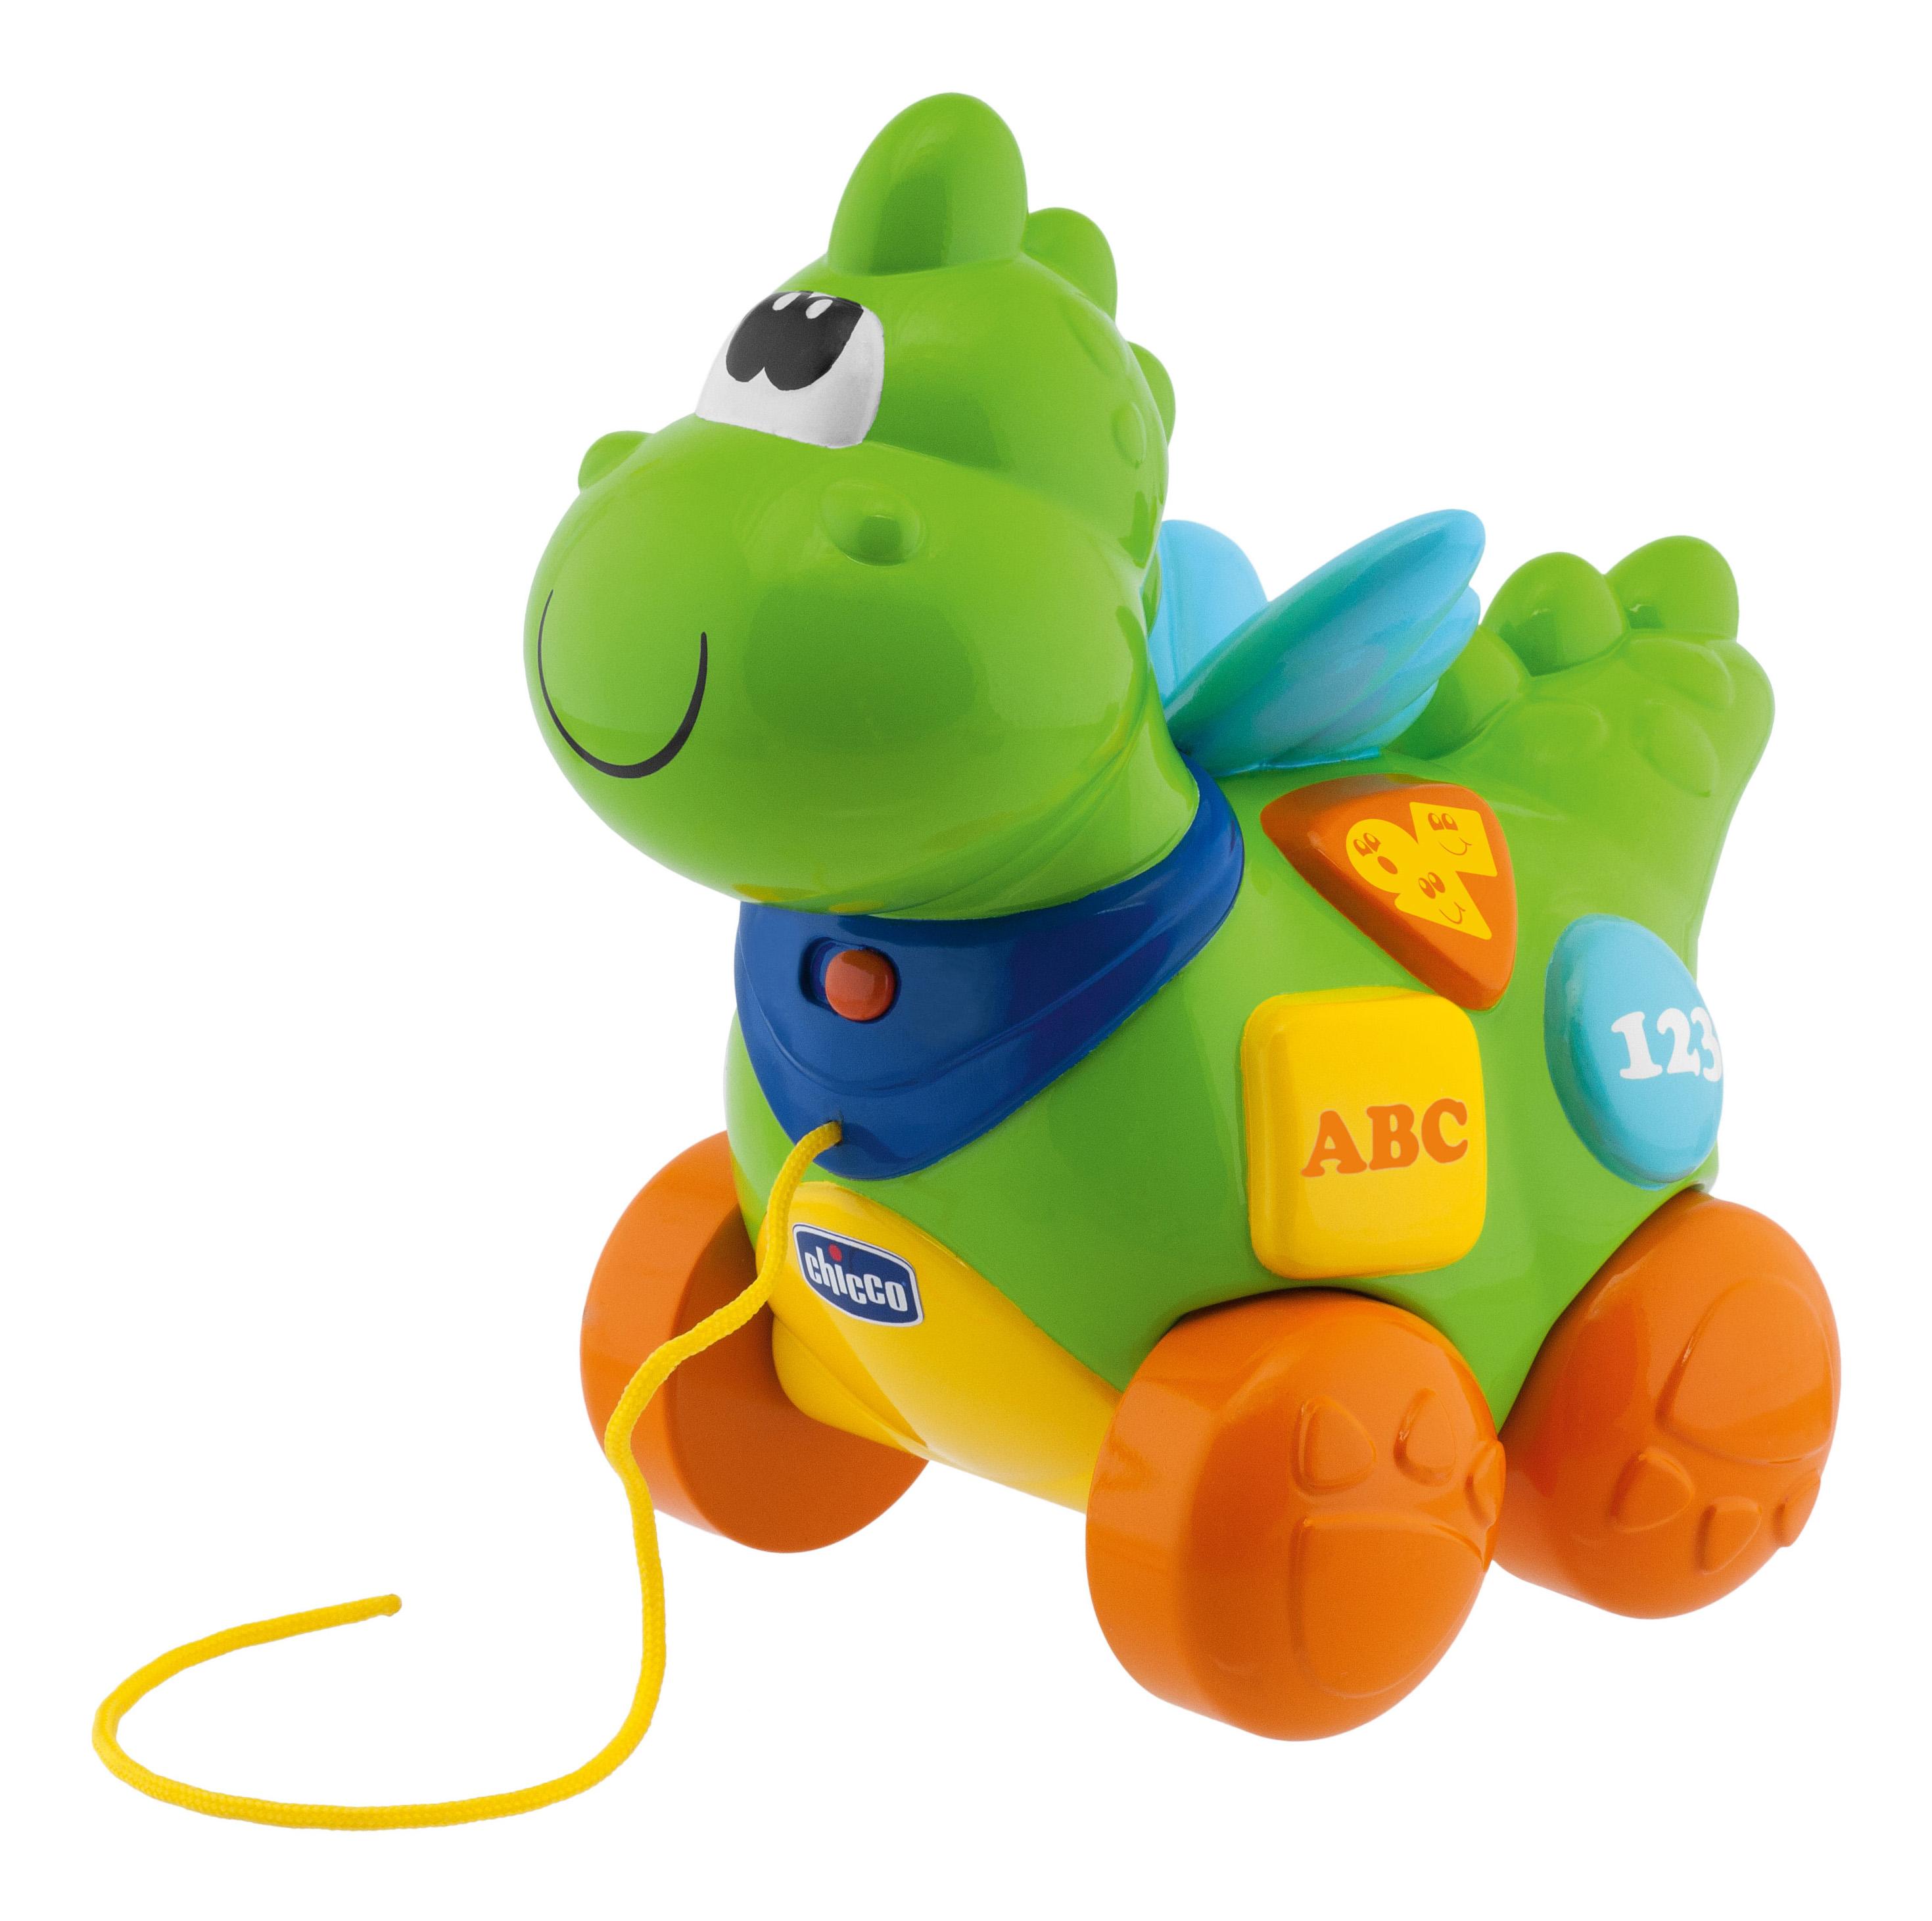 Купить Дракон, Игрушка Chicco Говорящий дракон на колесиках (Русский, Английский) 3880, Развивающие игрушки